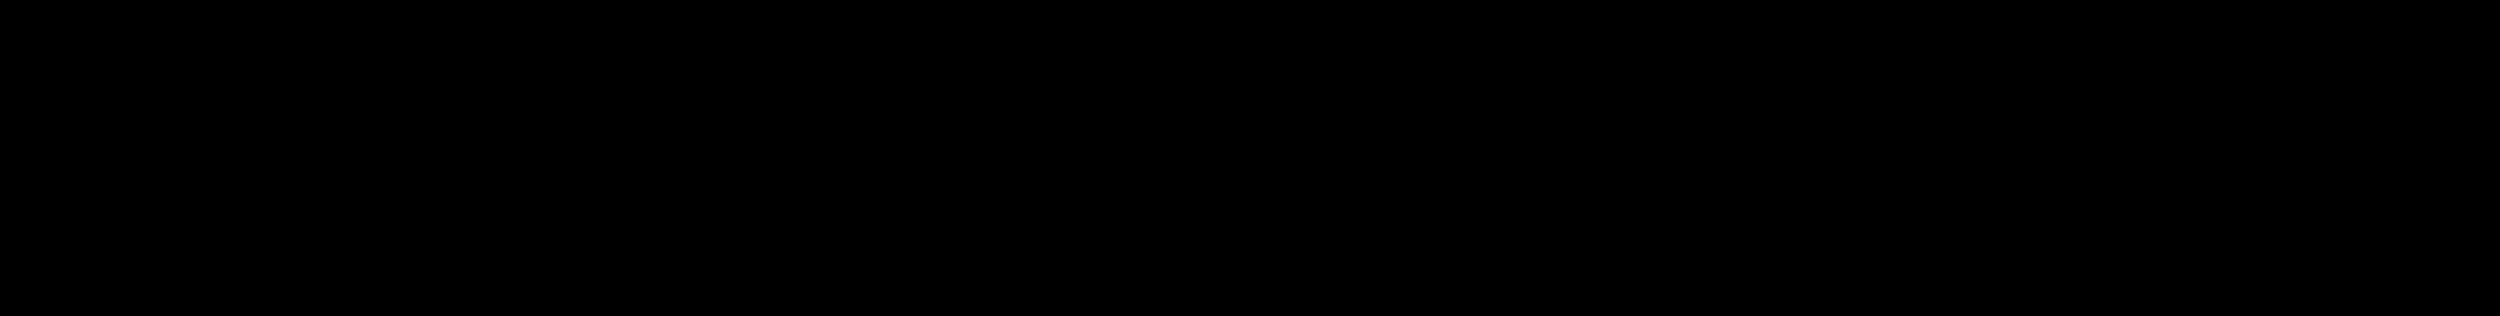 The_Denver_Post_logo.png